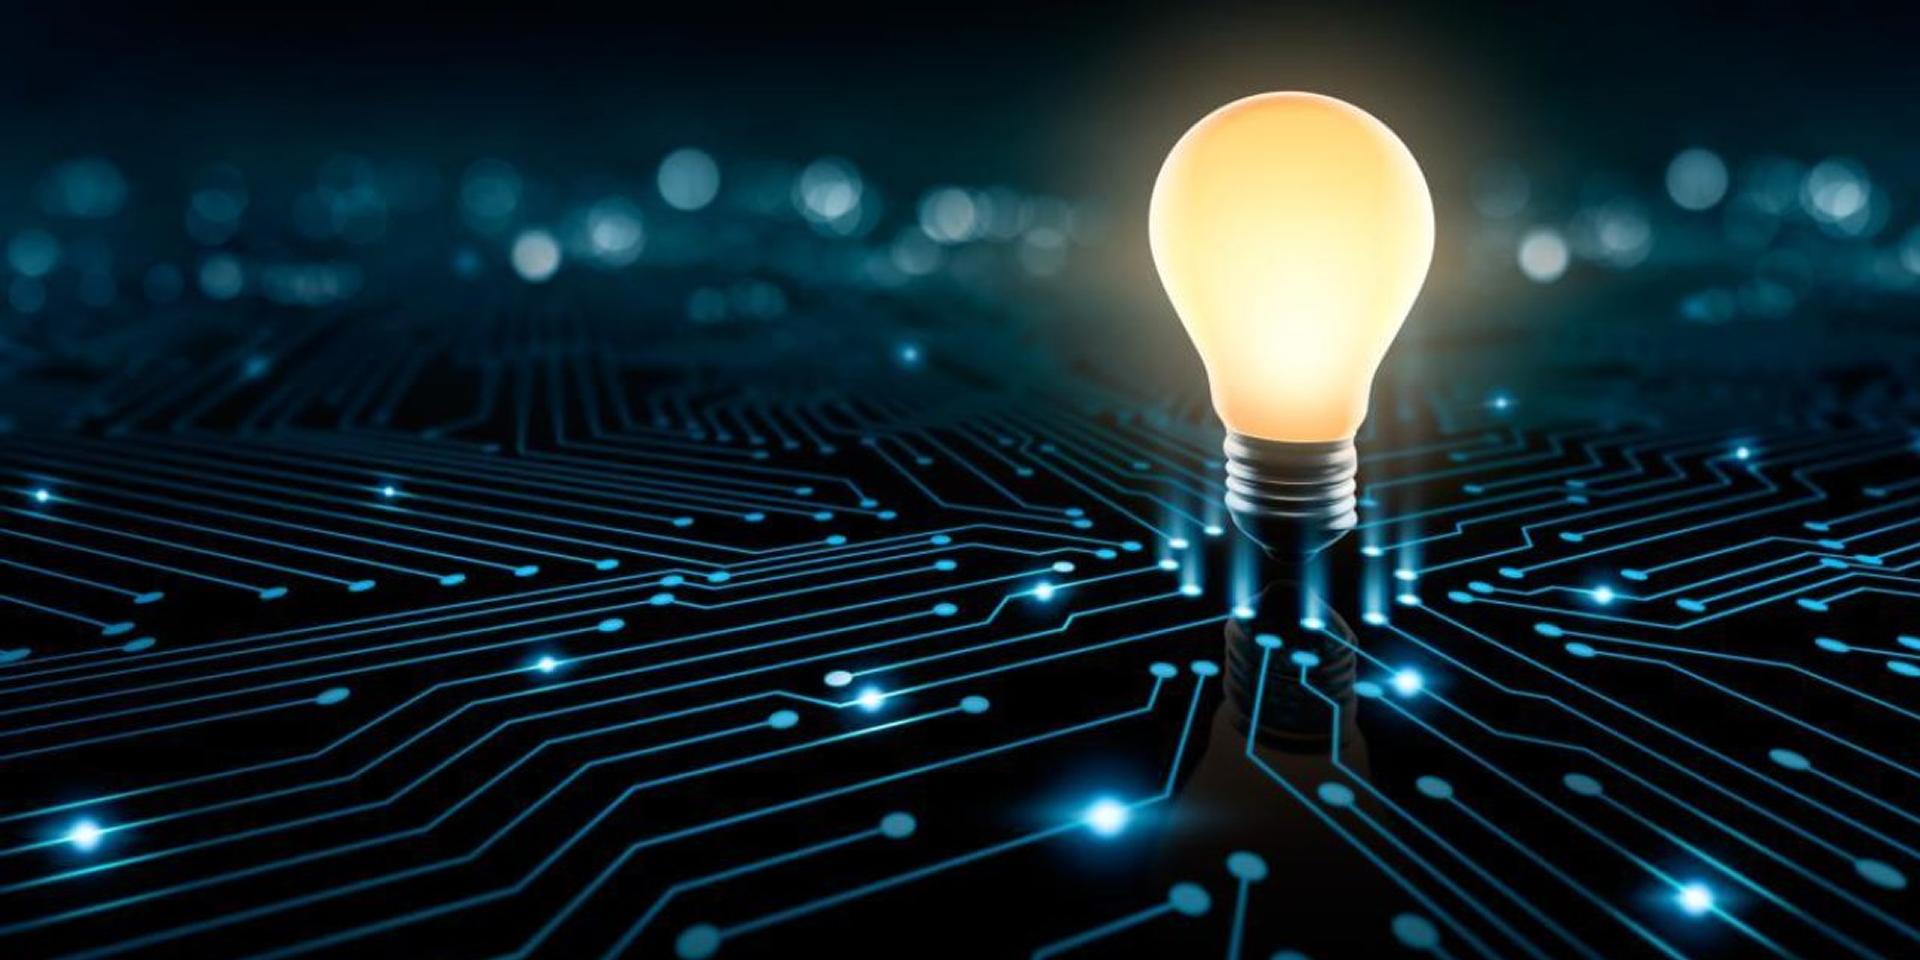 Luz y tecnología